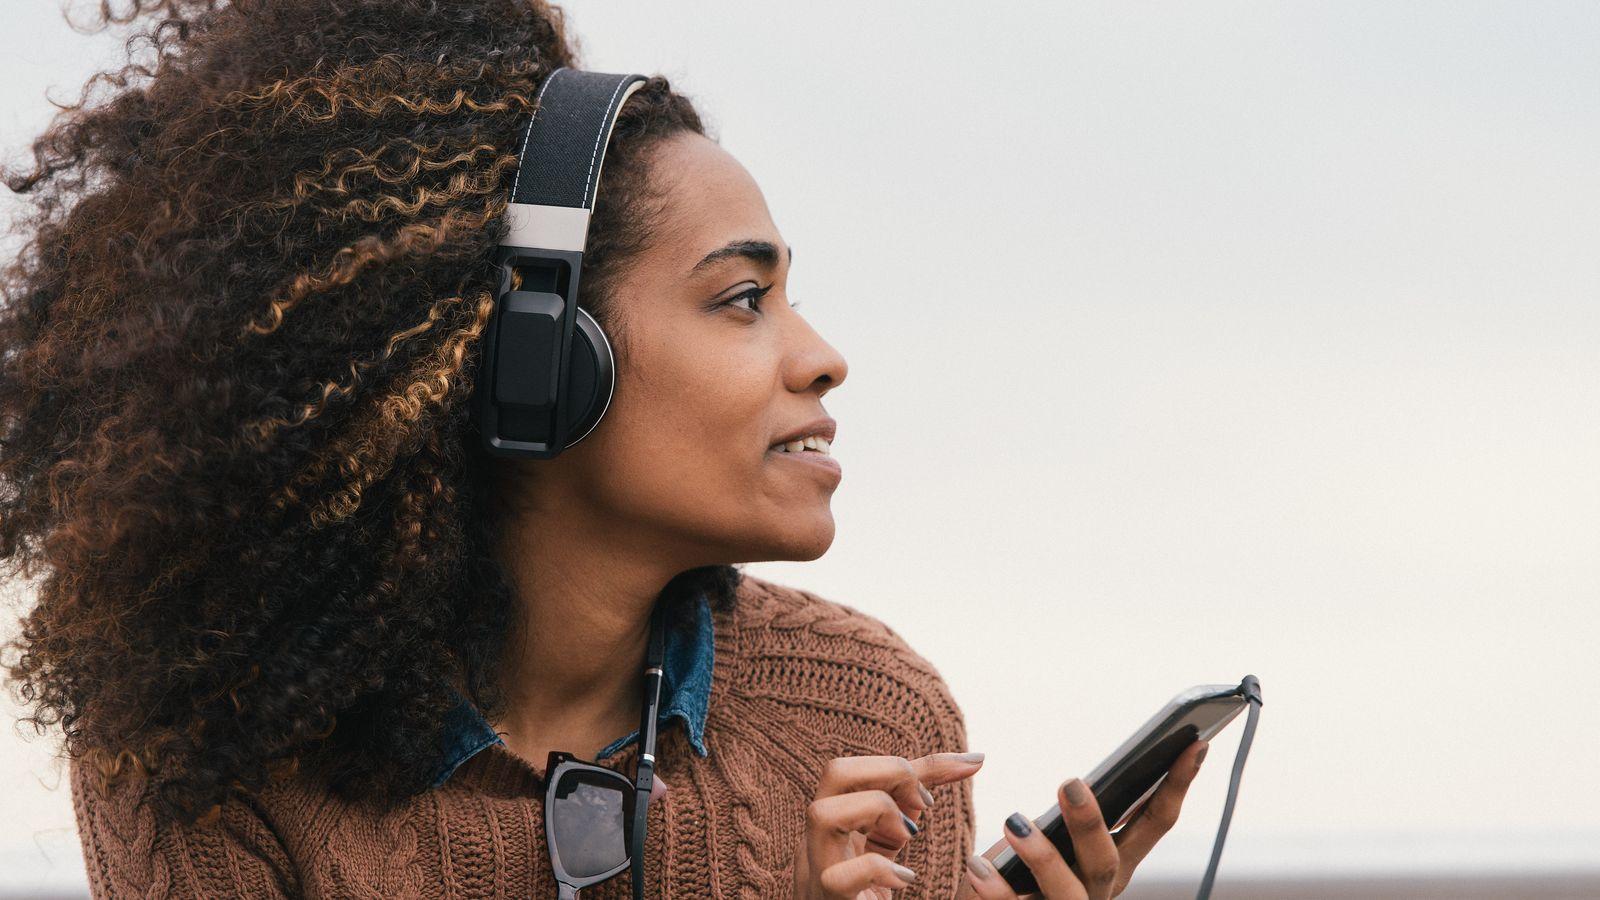 Dengerin musik juga bisa bikin relaks lho (musik/ mic)